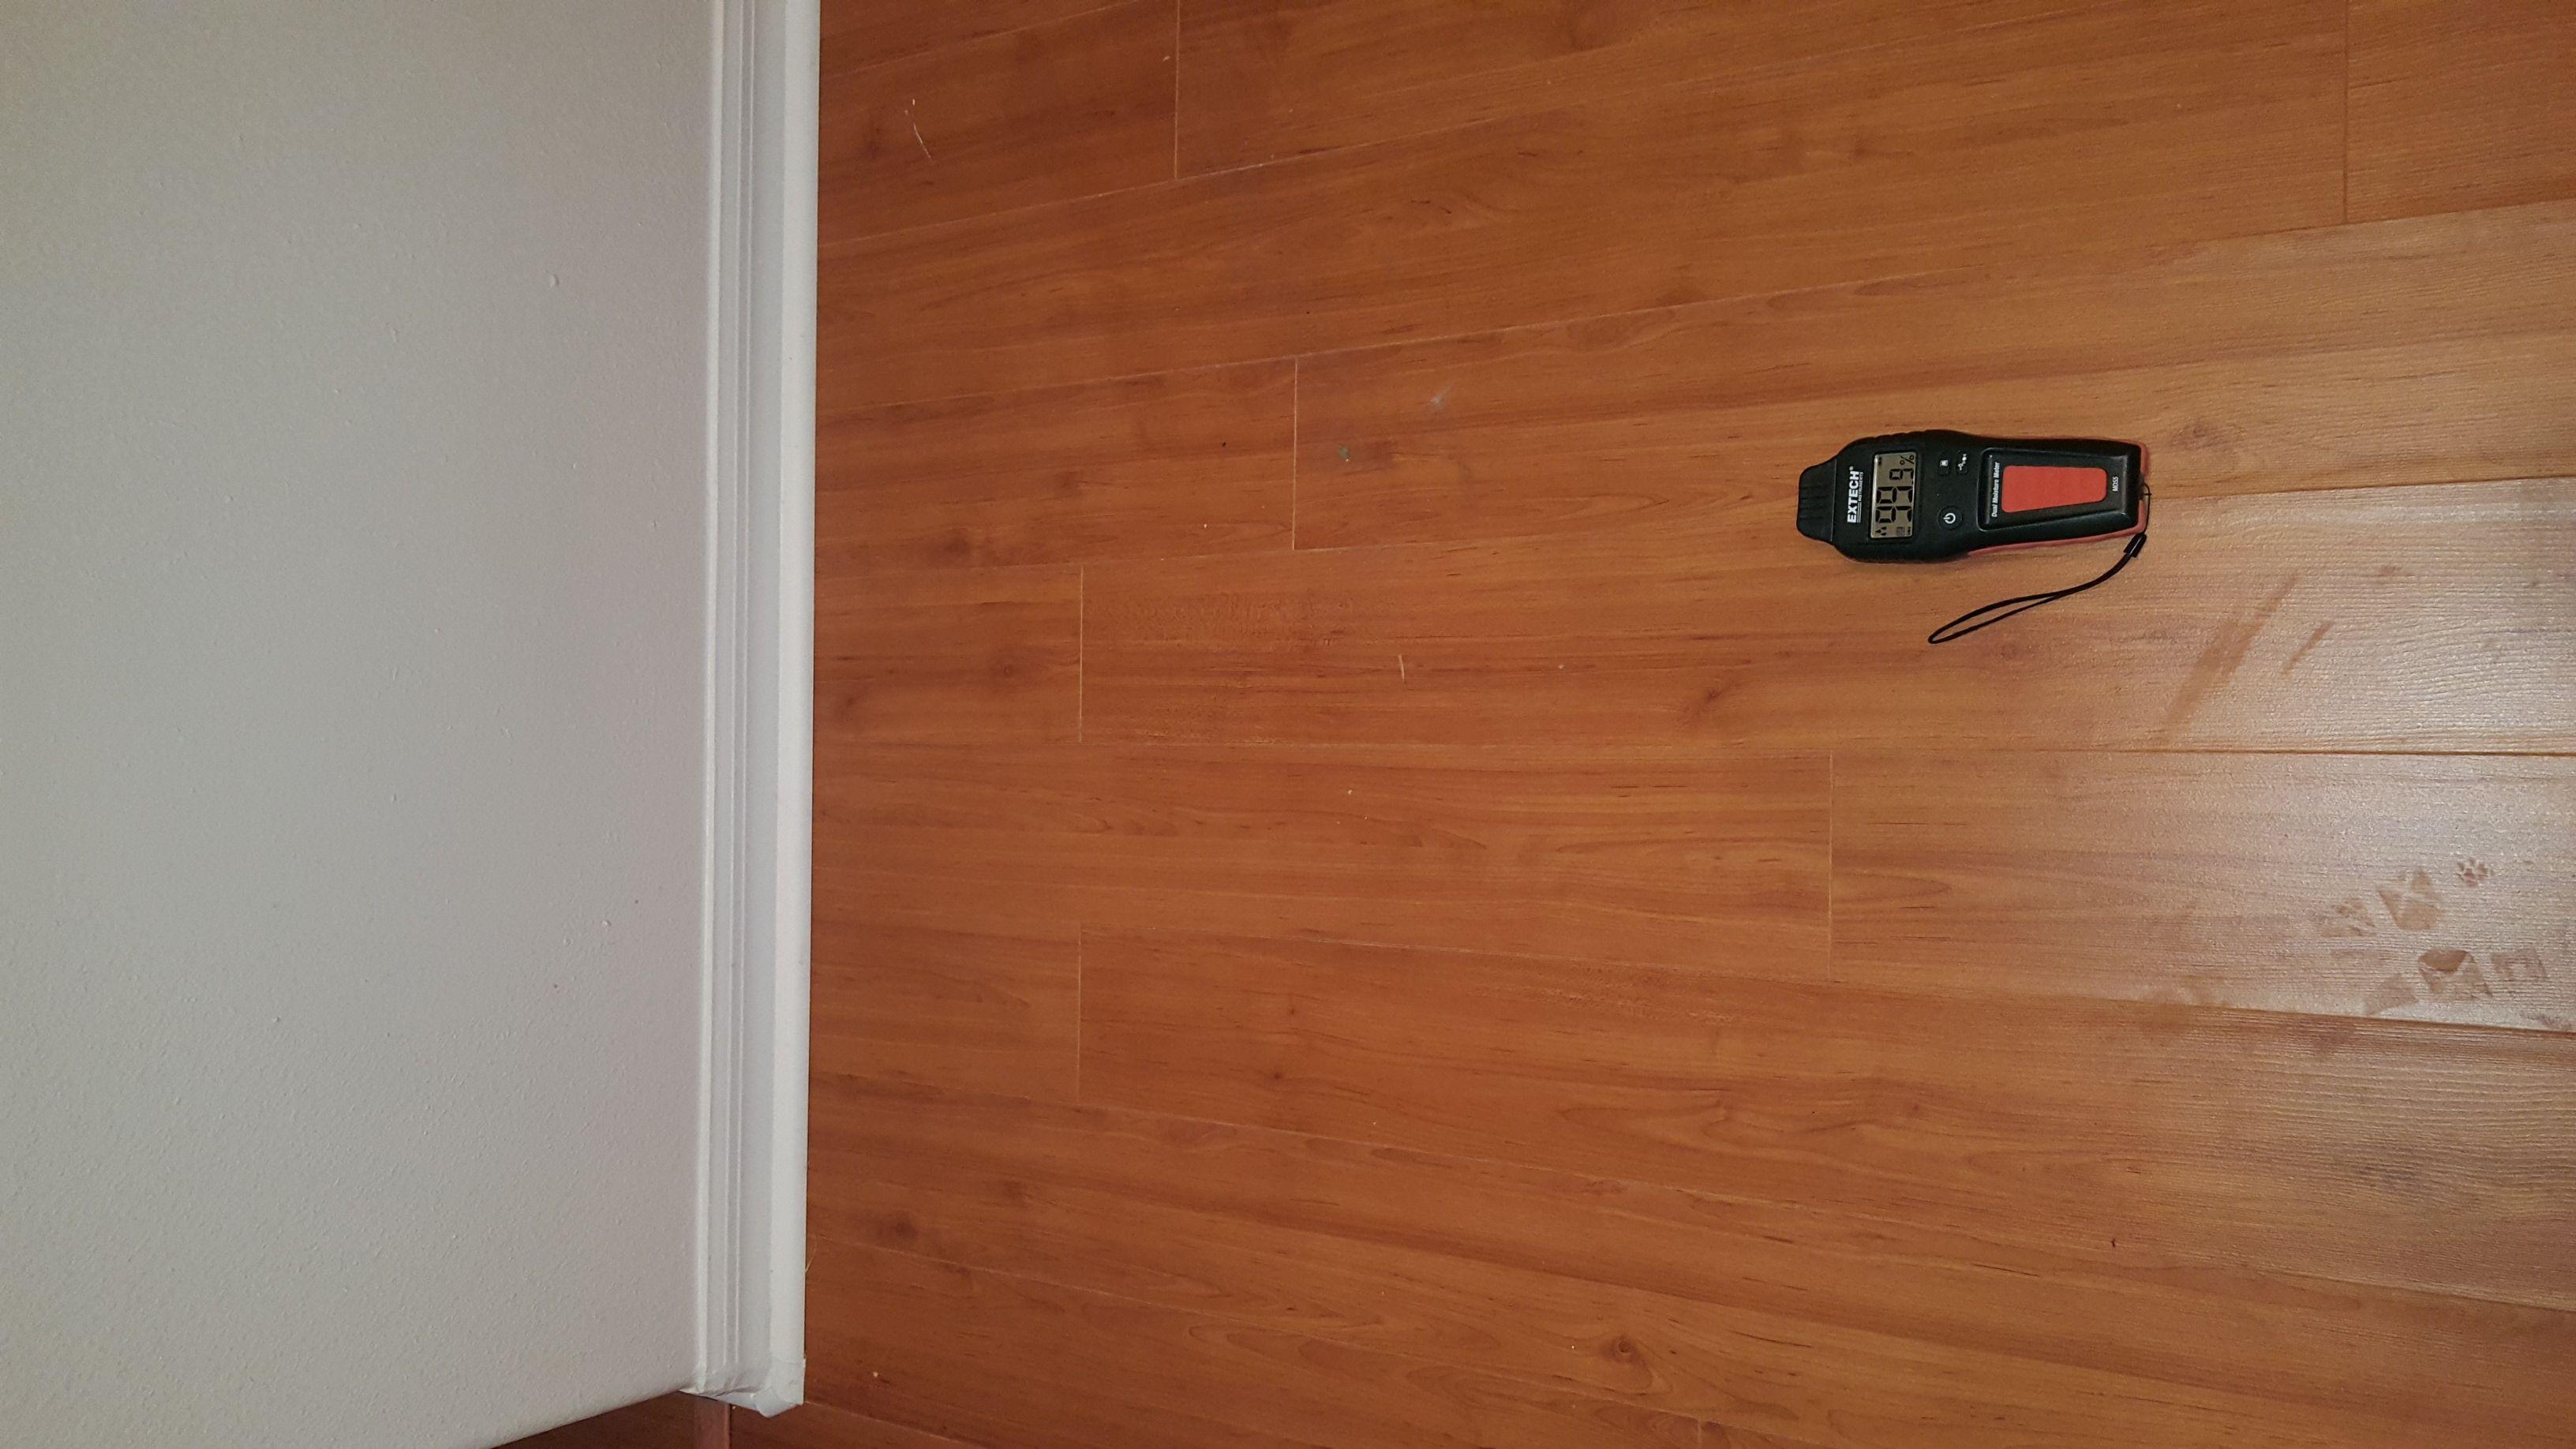 Kitchen wet floor leak detection